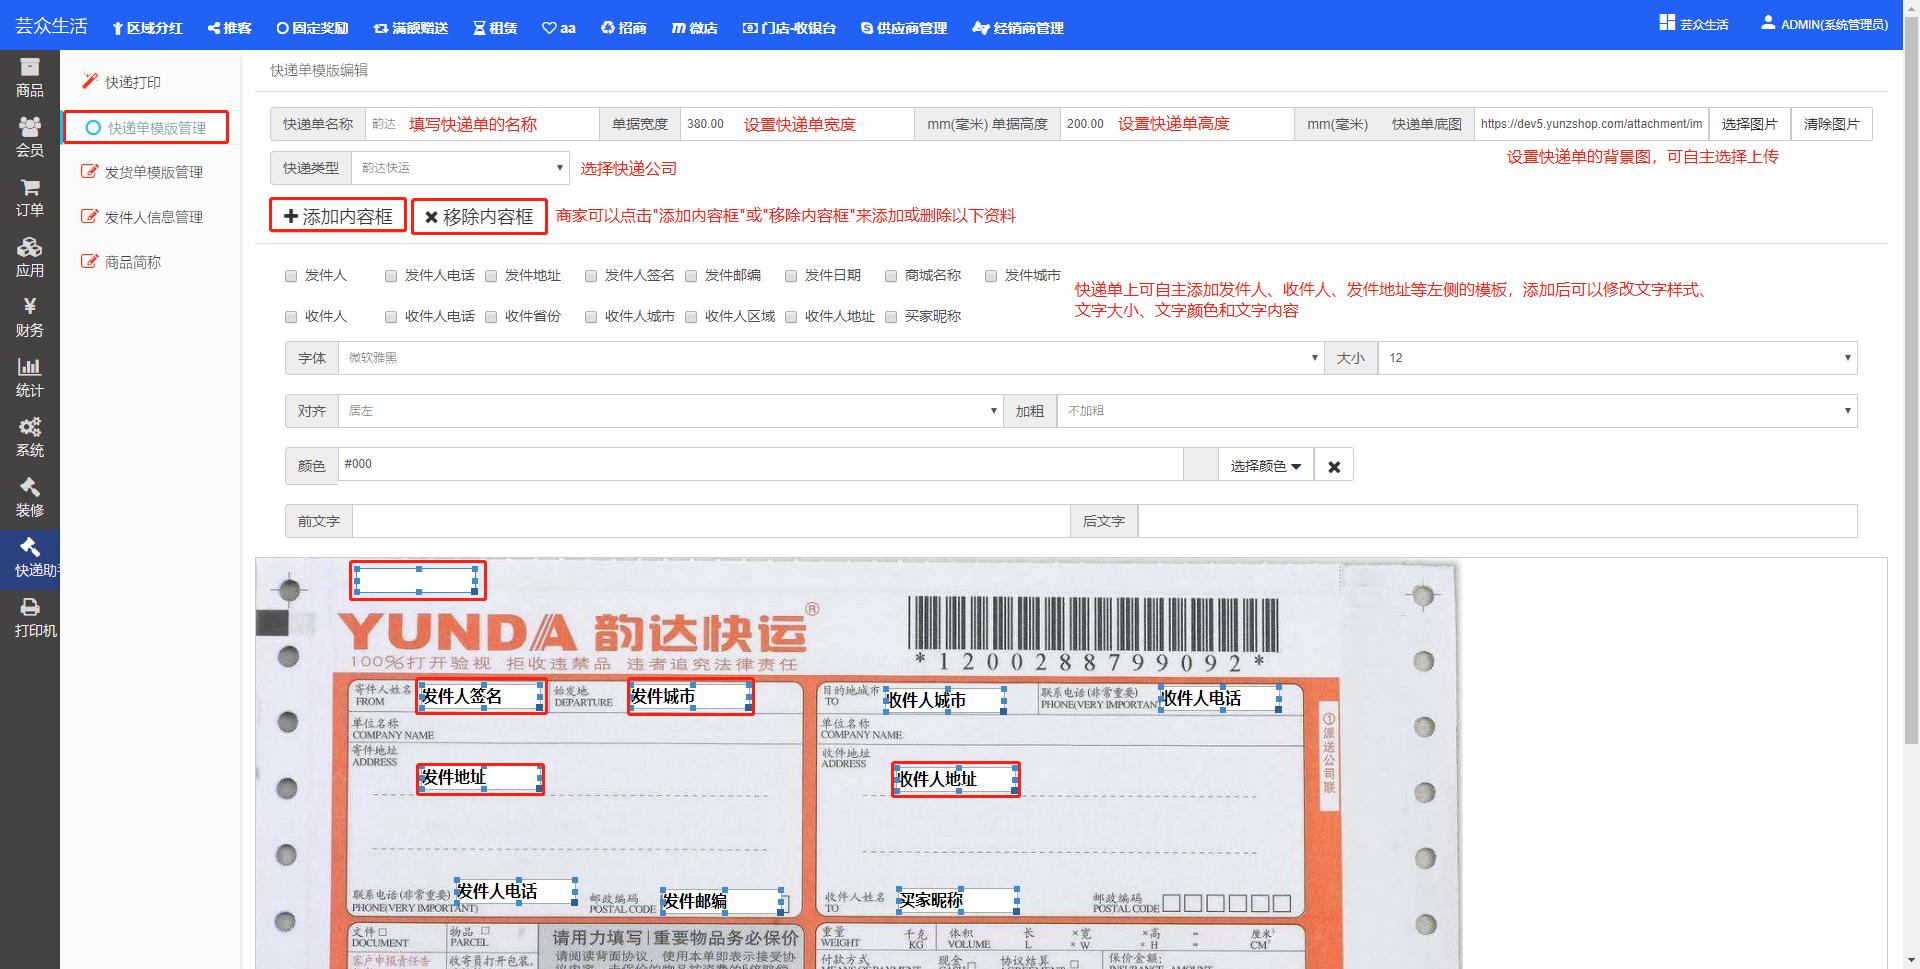 芸众商城快递助手插件:打印快递单 轻松管理大量订单插图4